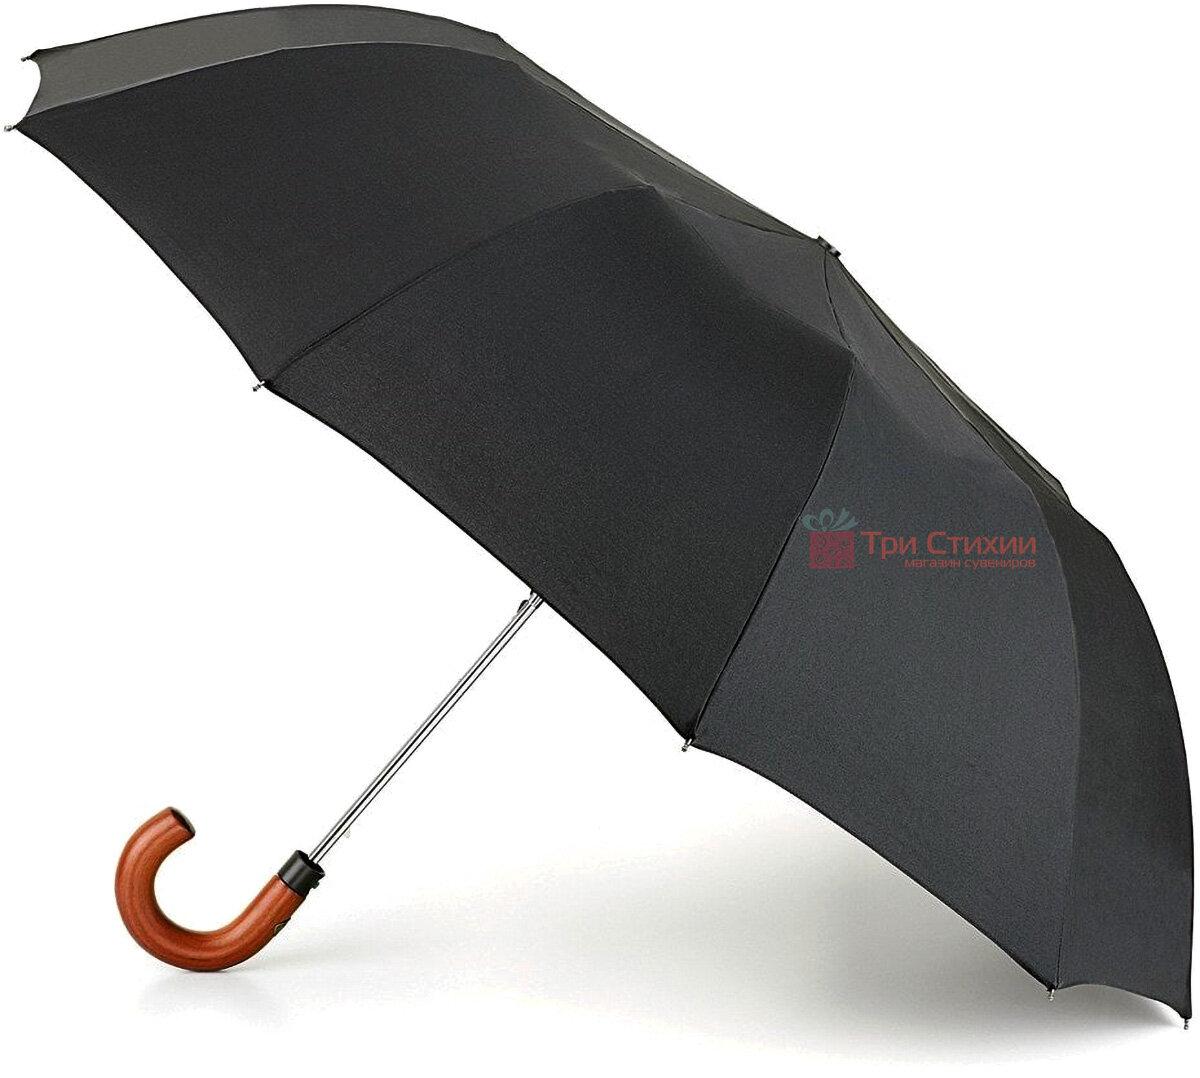 Зонт складной Fulton Magnum-1 Auto G512 полуавтомат Черный (G512-000632), фото